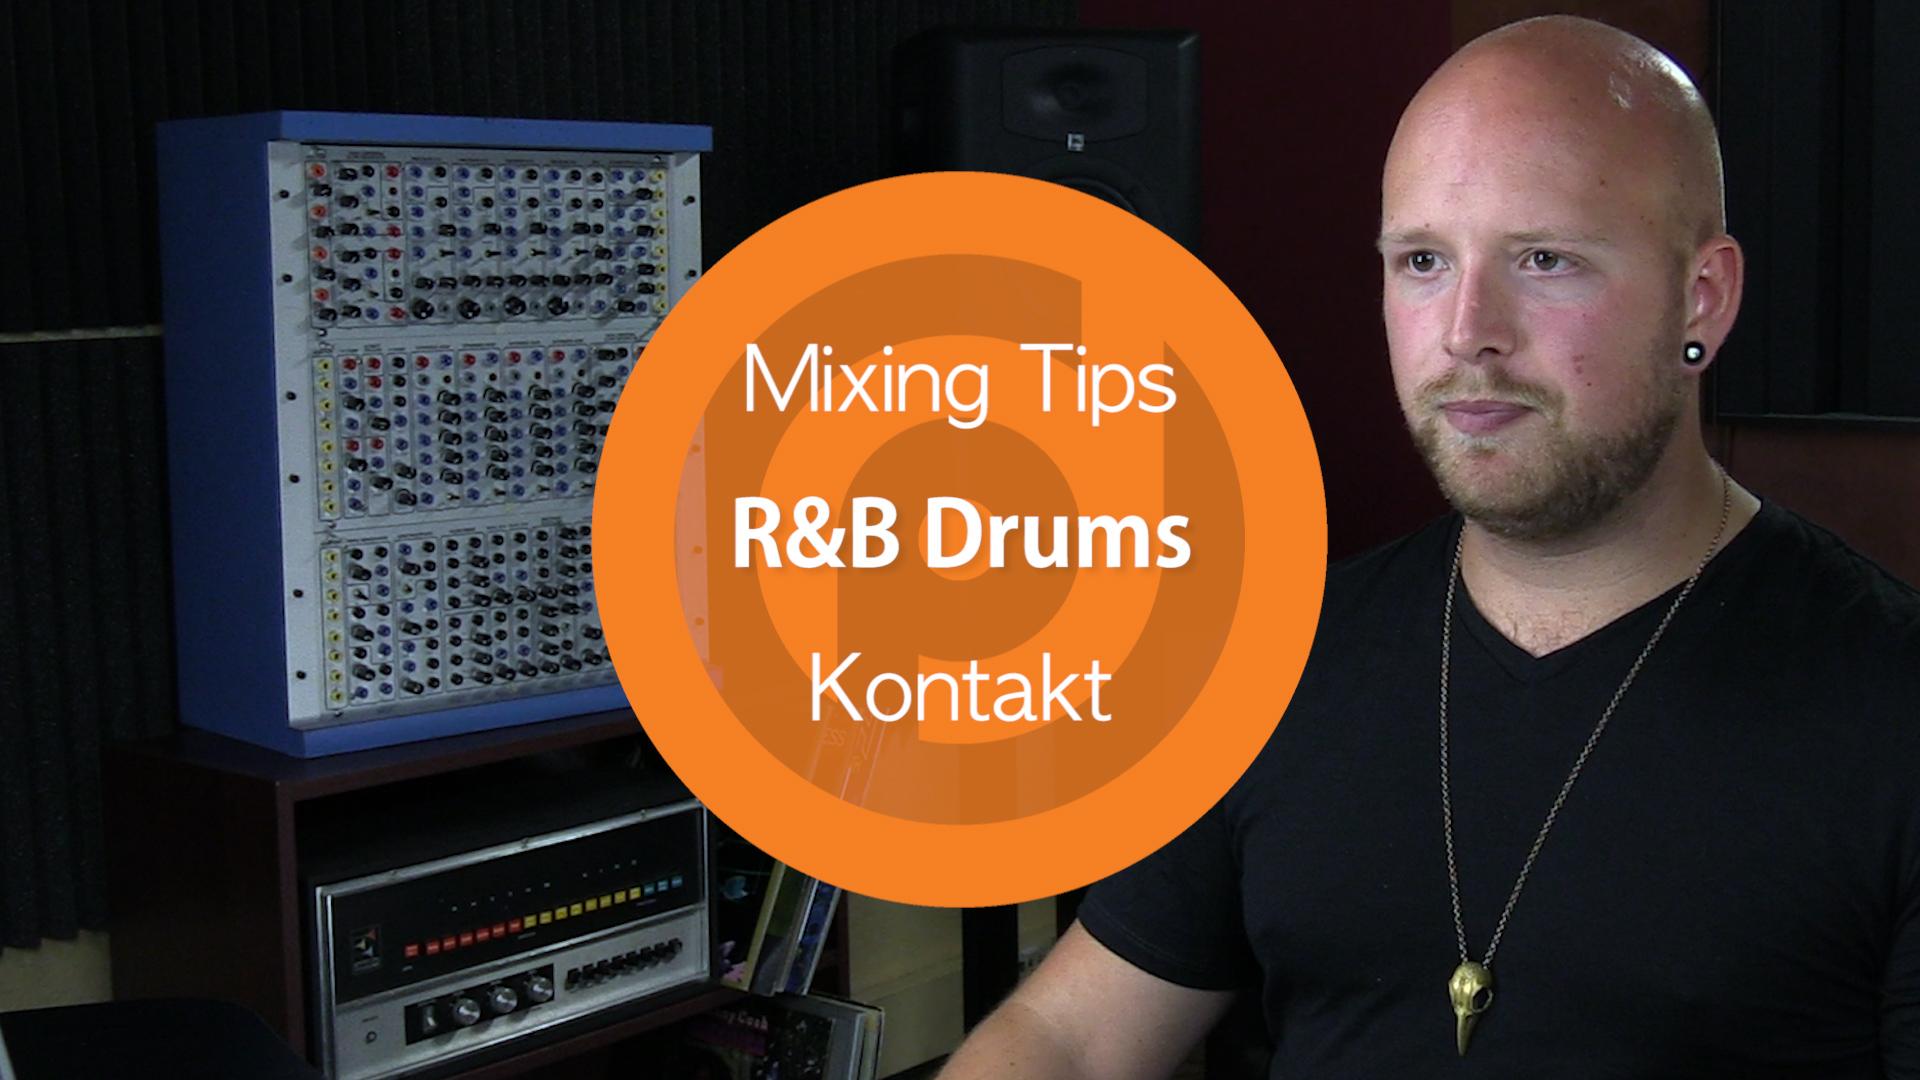 Mixing Tips   R&B Drums   Kontakt - Pyramind